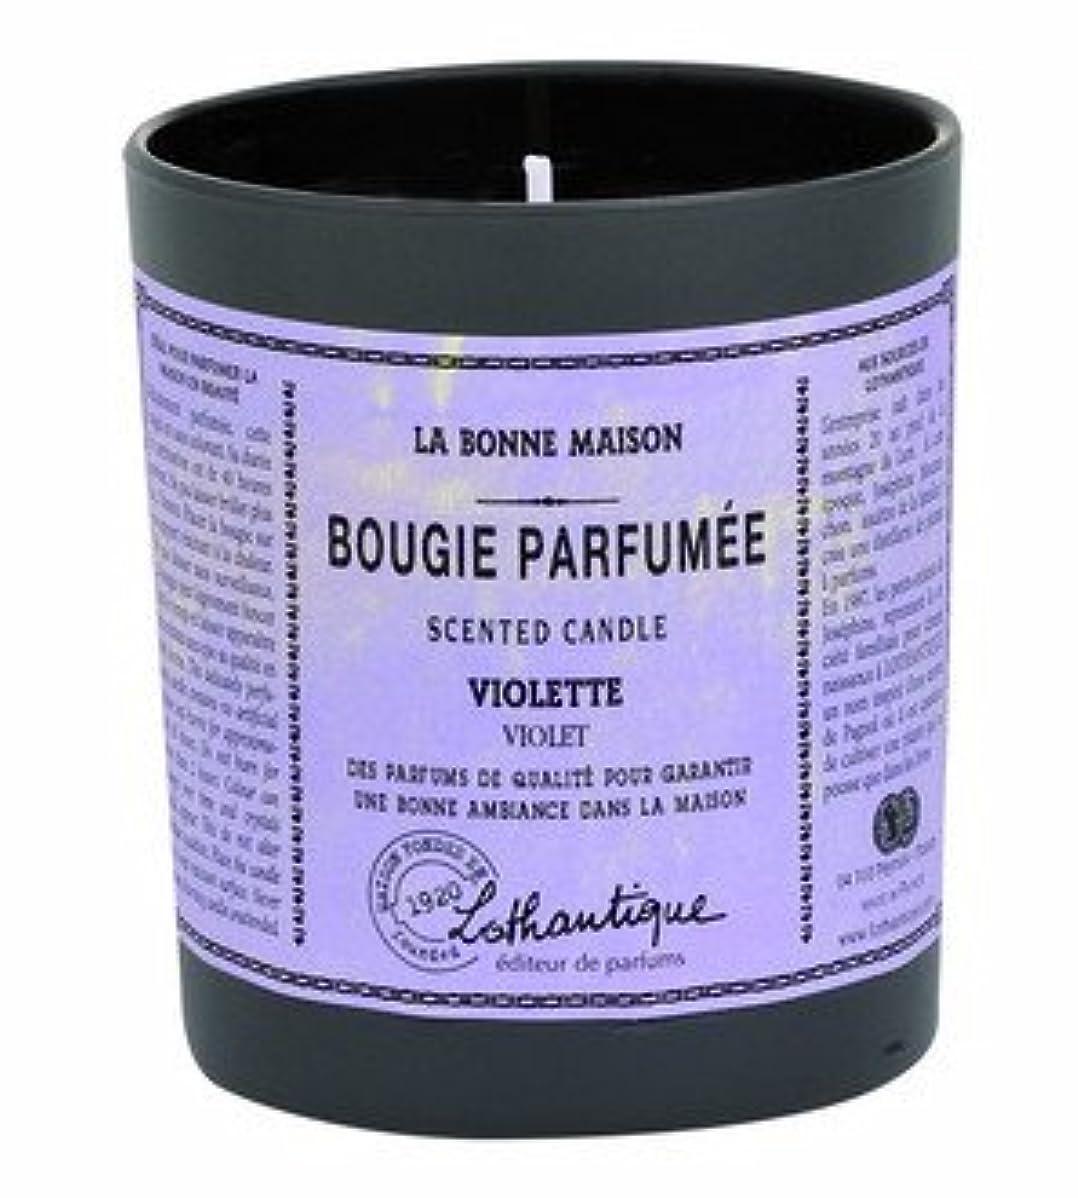 アジア人限り心臓Lothantique(ロタンティック) LES Bonne Maison(ボンメゾンシリーズ) グラスキャンドル 160g 「ミモザ」 3420070039422